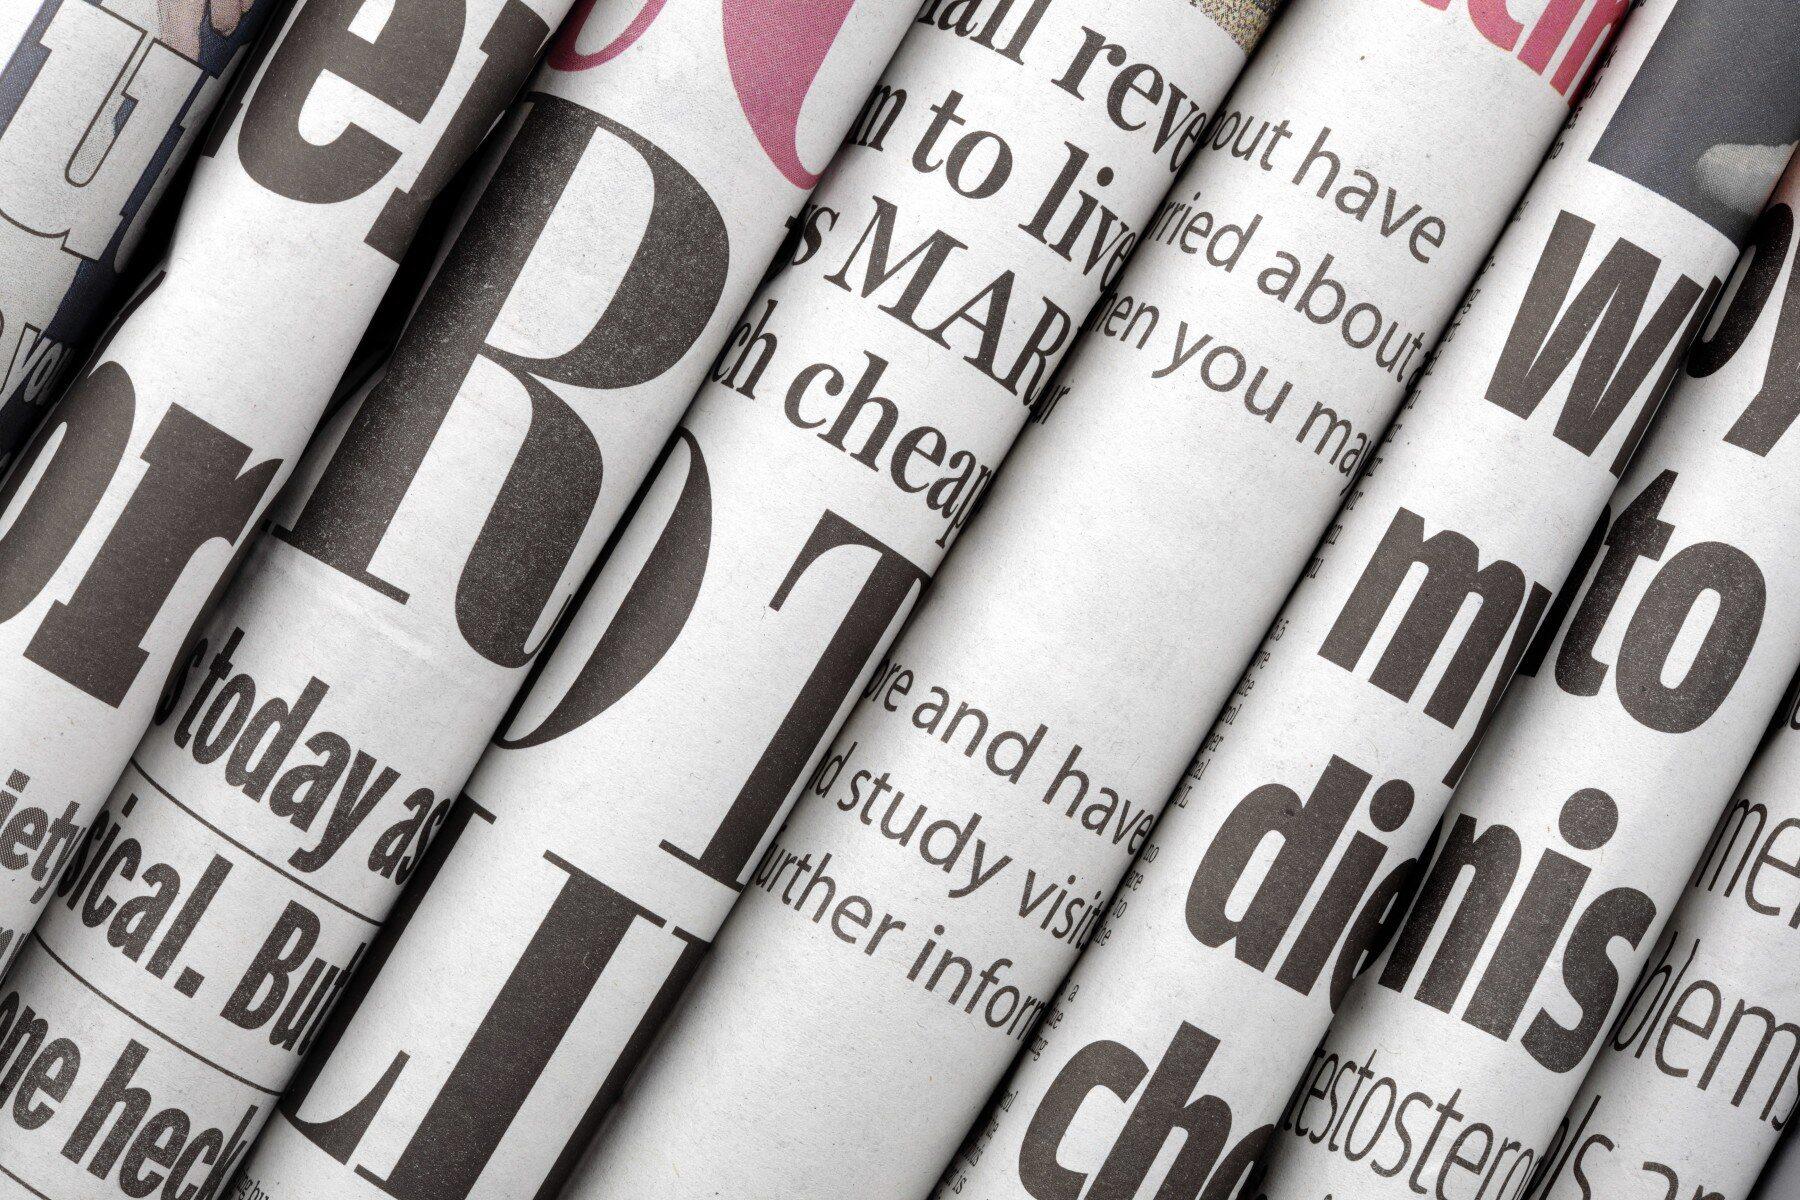 Rassegna Stampa ultimo trimestre 2020